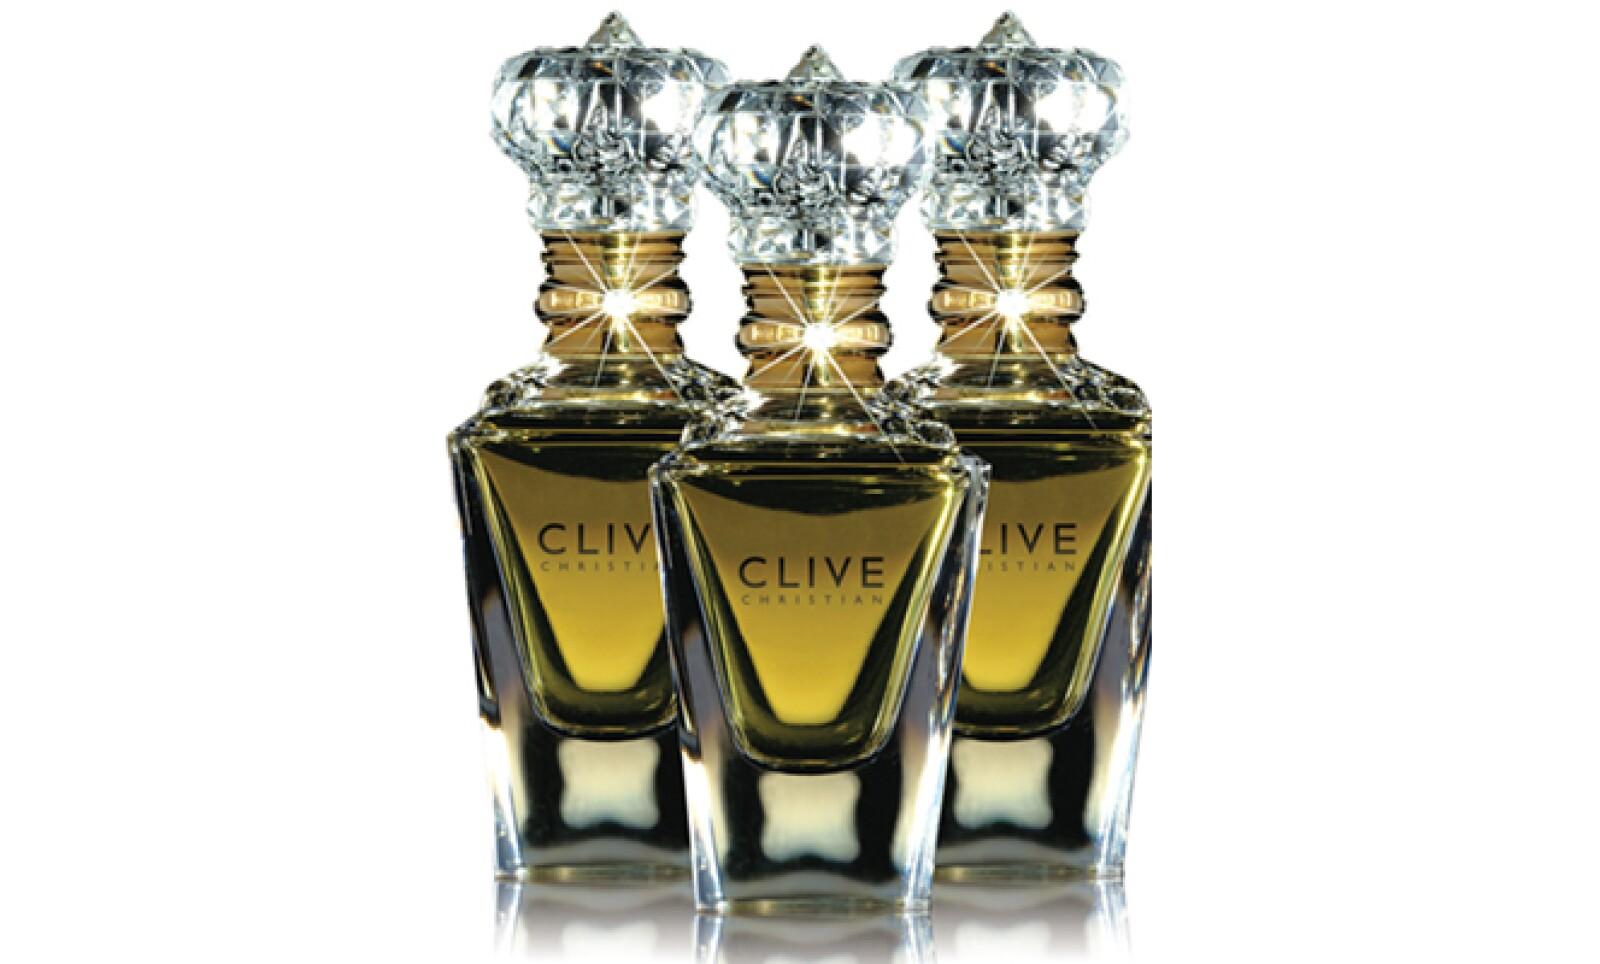 El perfume Nº 1 de Clive Christian es el más caro del mundo y sólo se elaboran mil frascos al año.